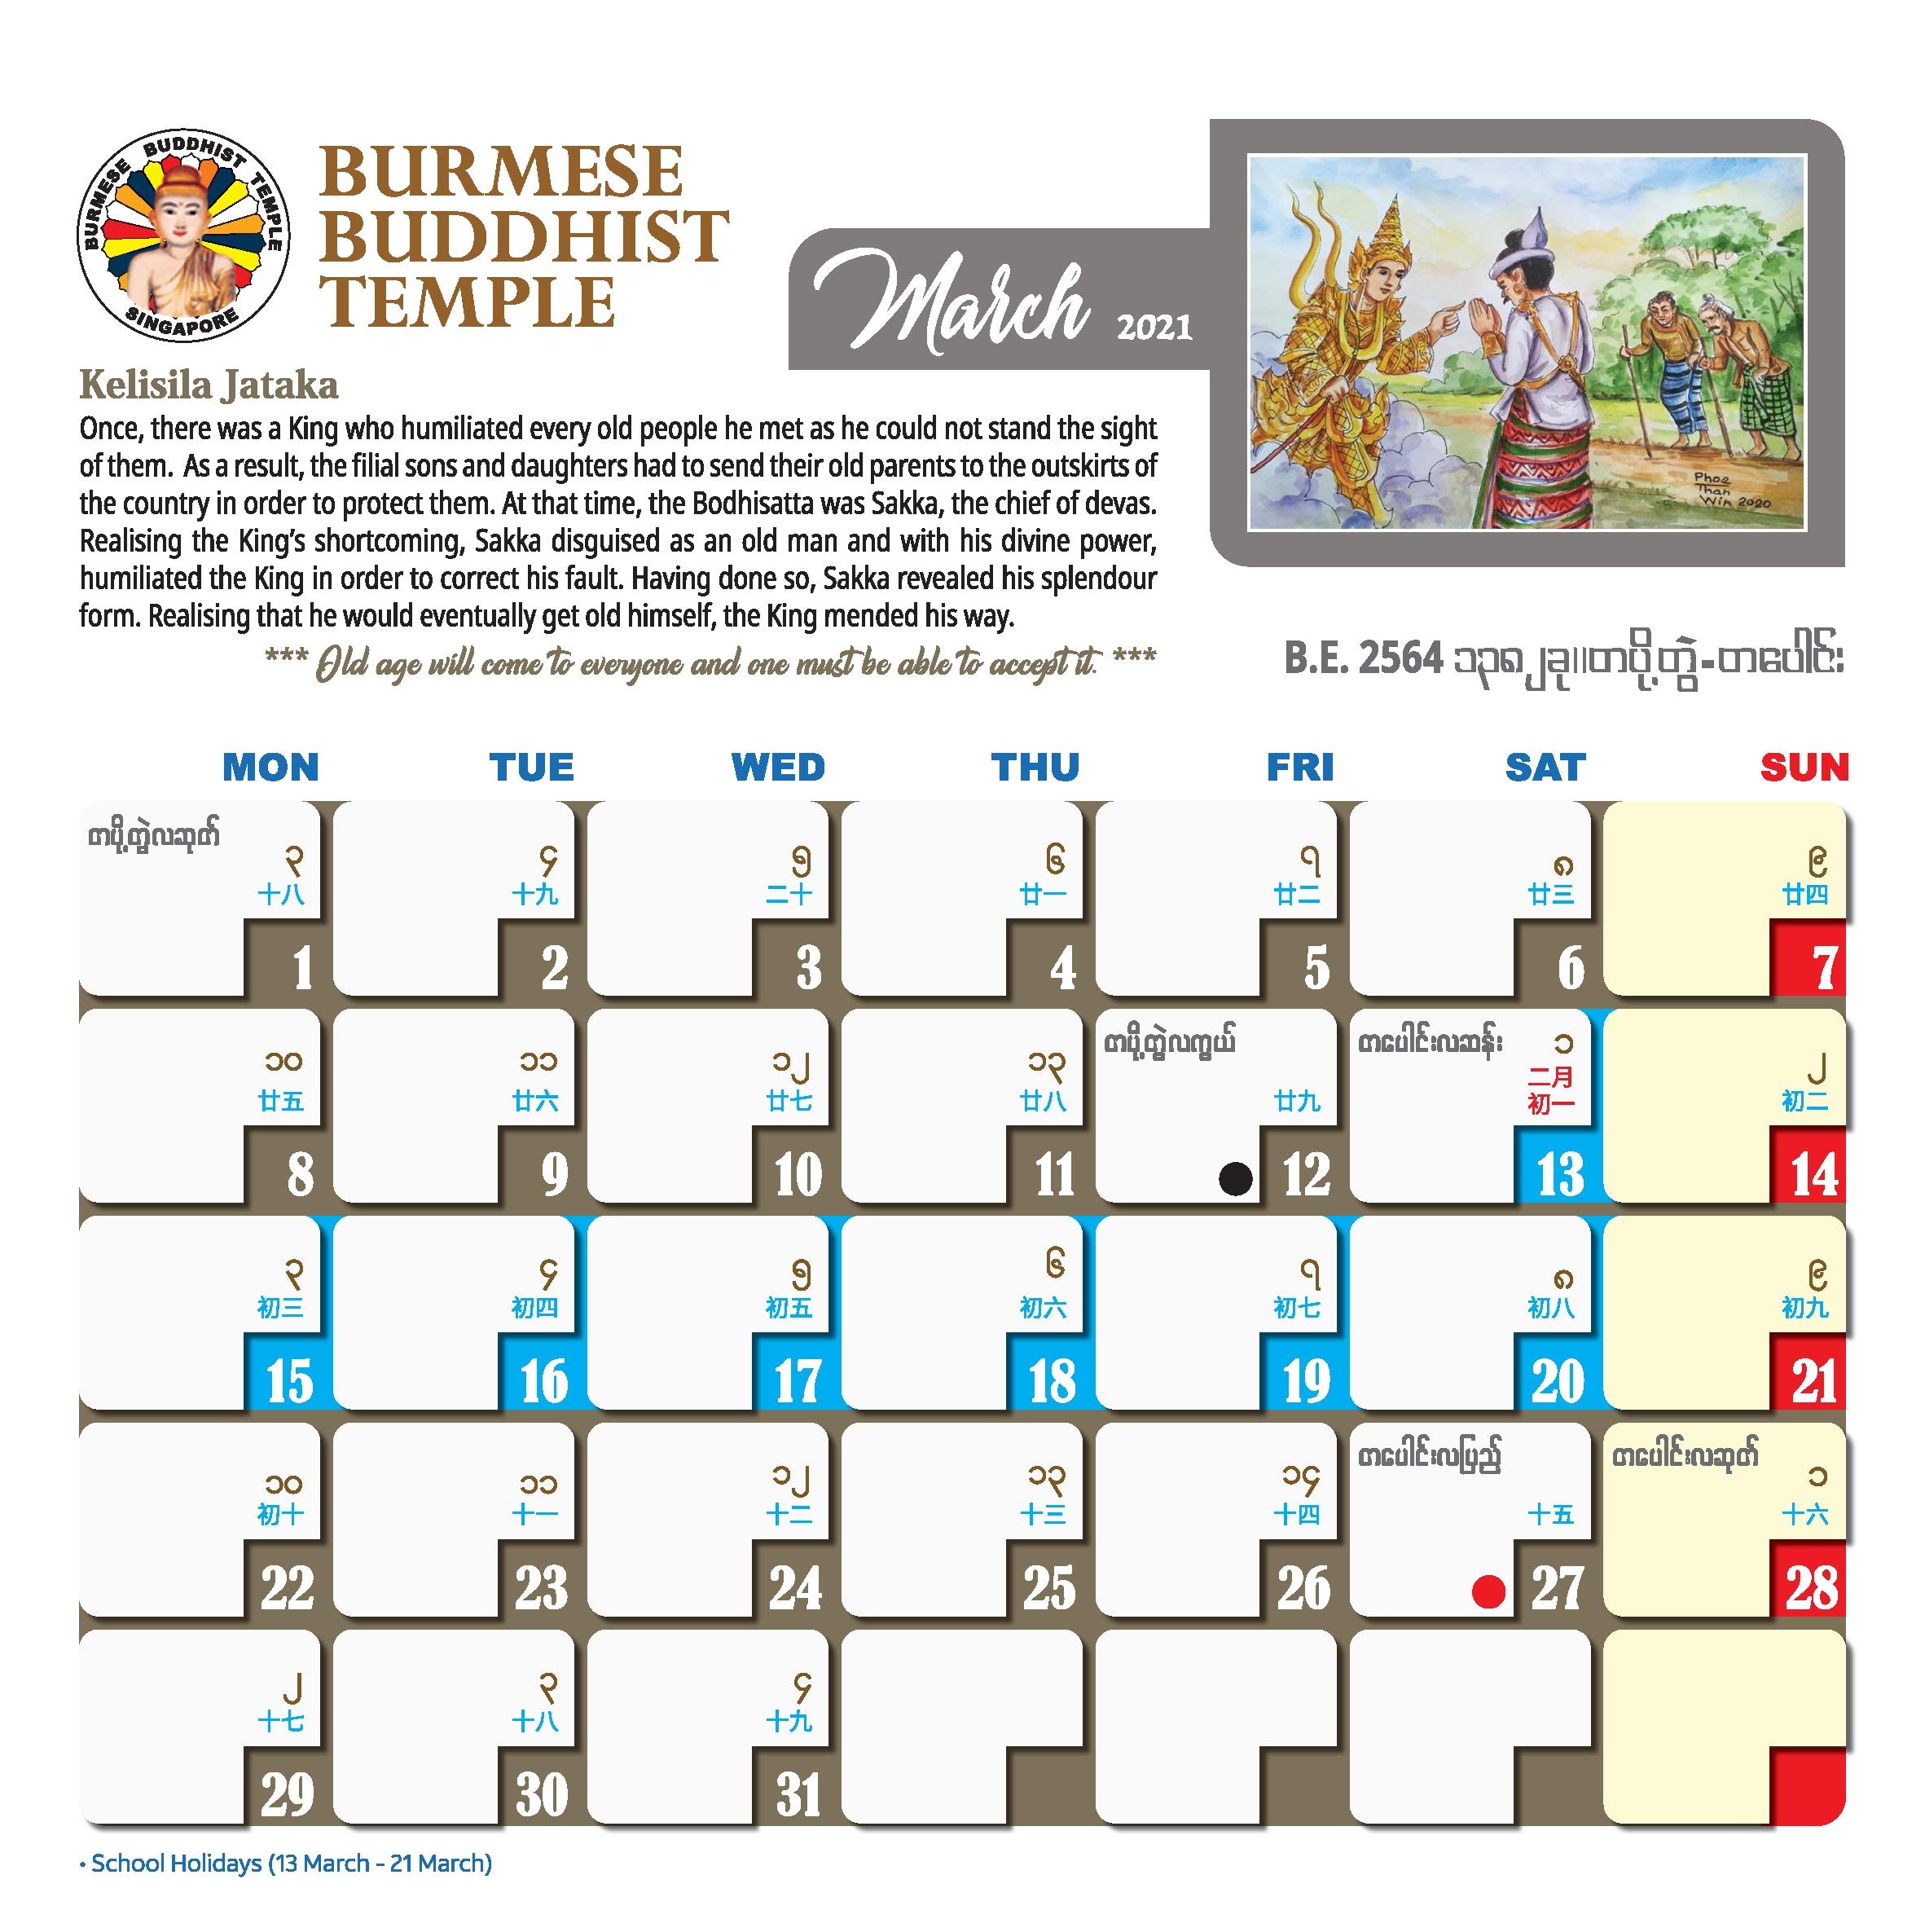 2021 Calendar - Burmese Buddhist Temple within 2021 Myanmar Calendar Psd Free Photo